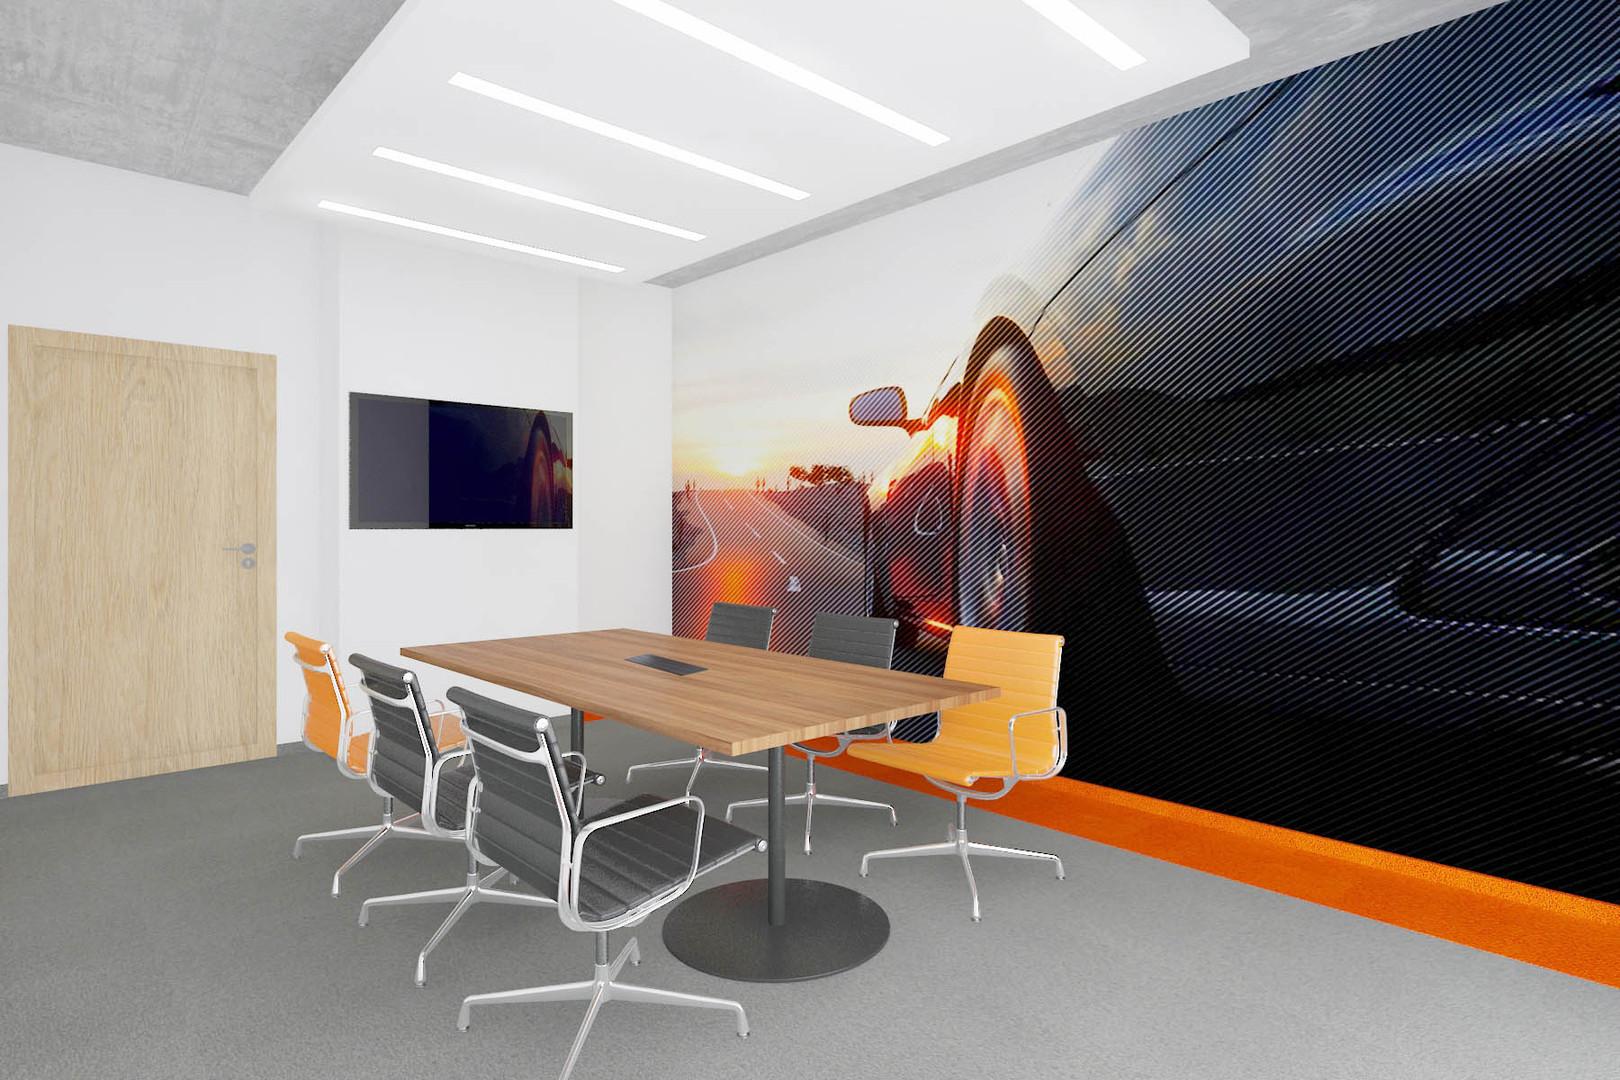 kontordesign-konferanserom-oransje (2).j